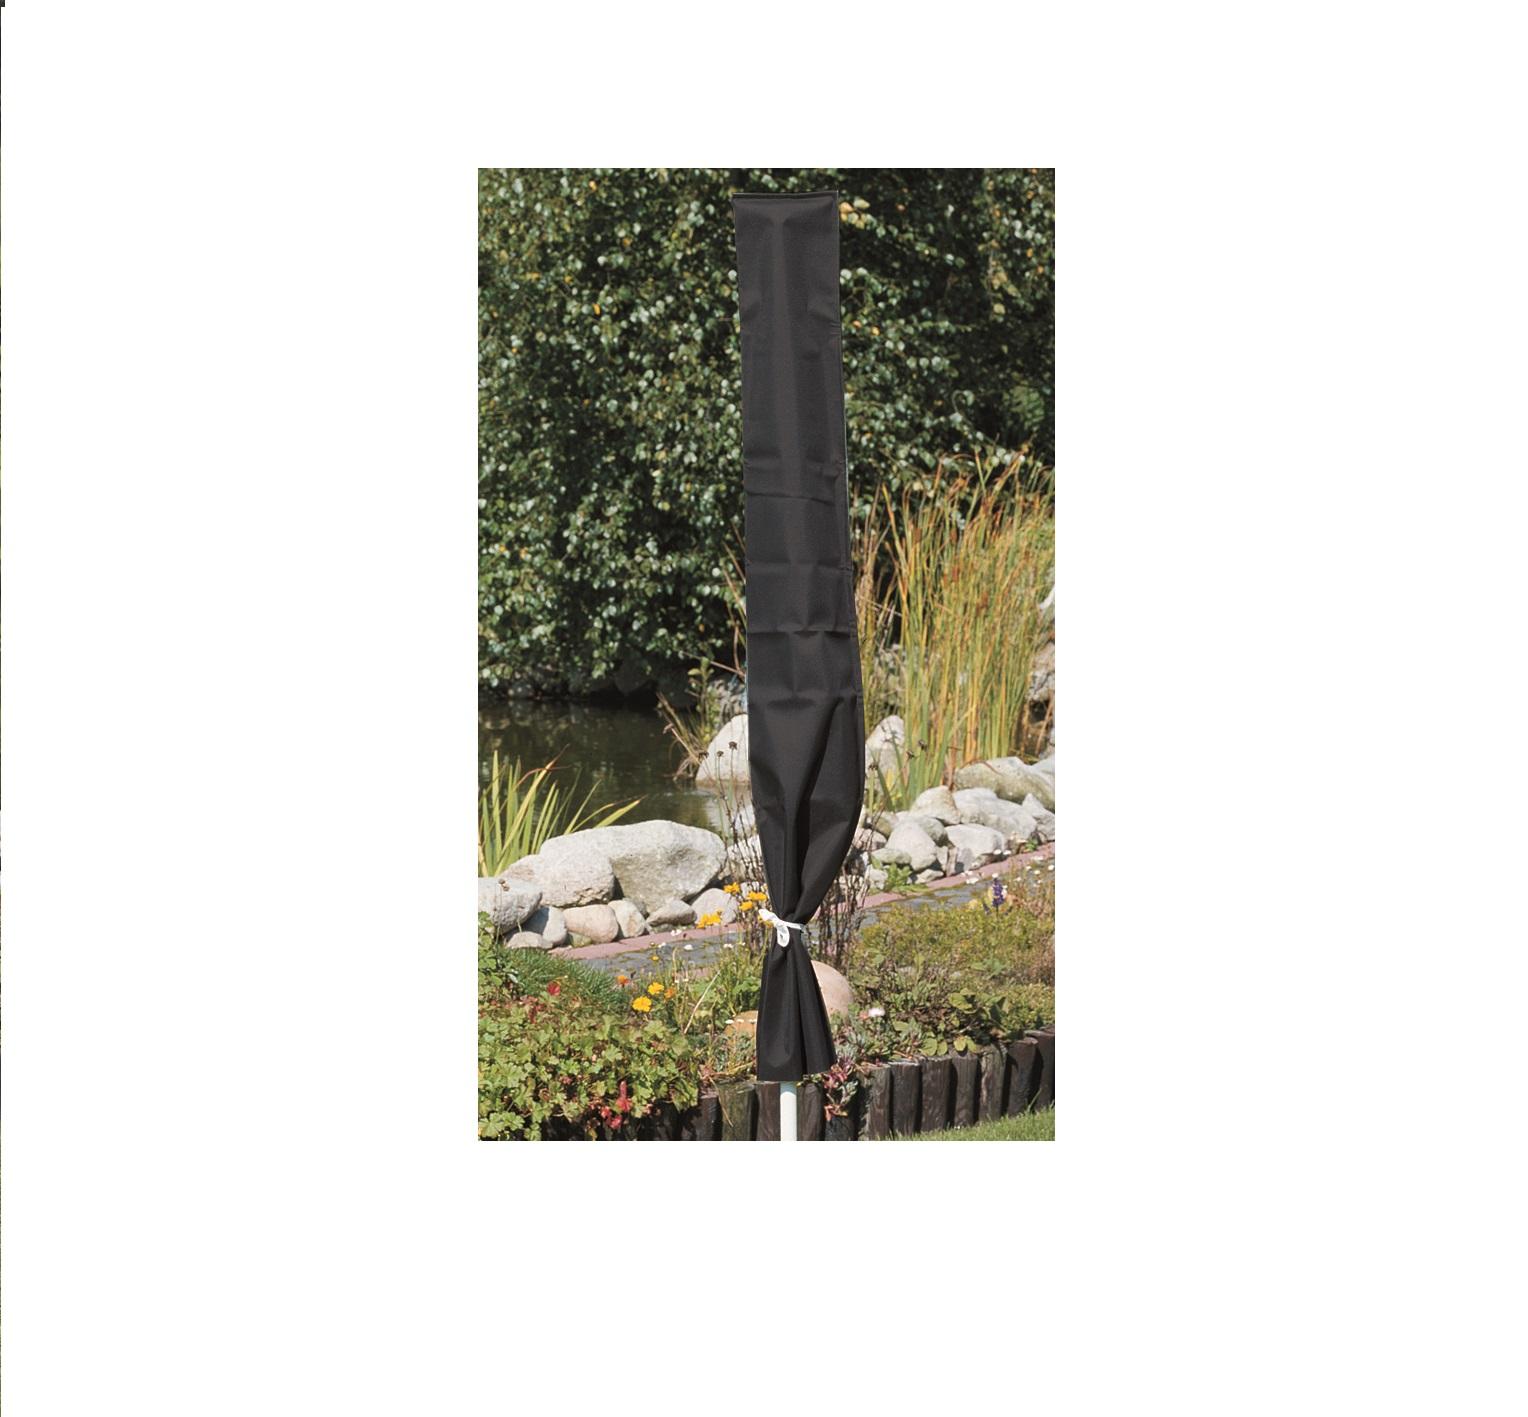 schutzh lle f r sonnenschirme bis durchmesser 200cm 454750 schutzh llen garten. Black Bedroom Furniture Sets. Home Design Ideas